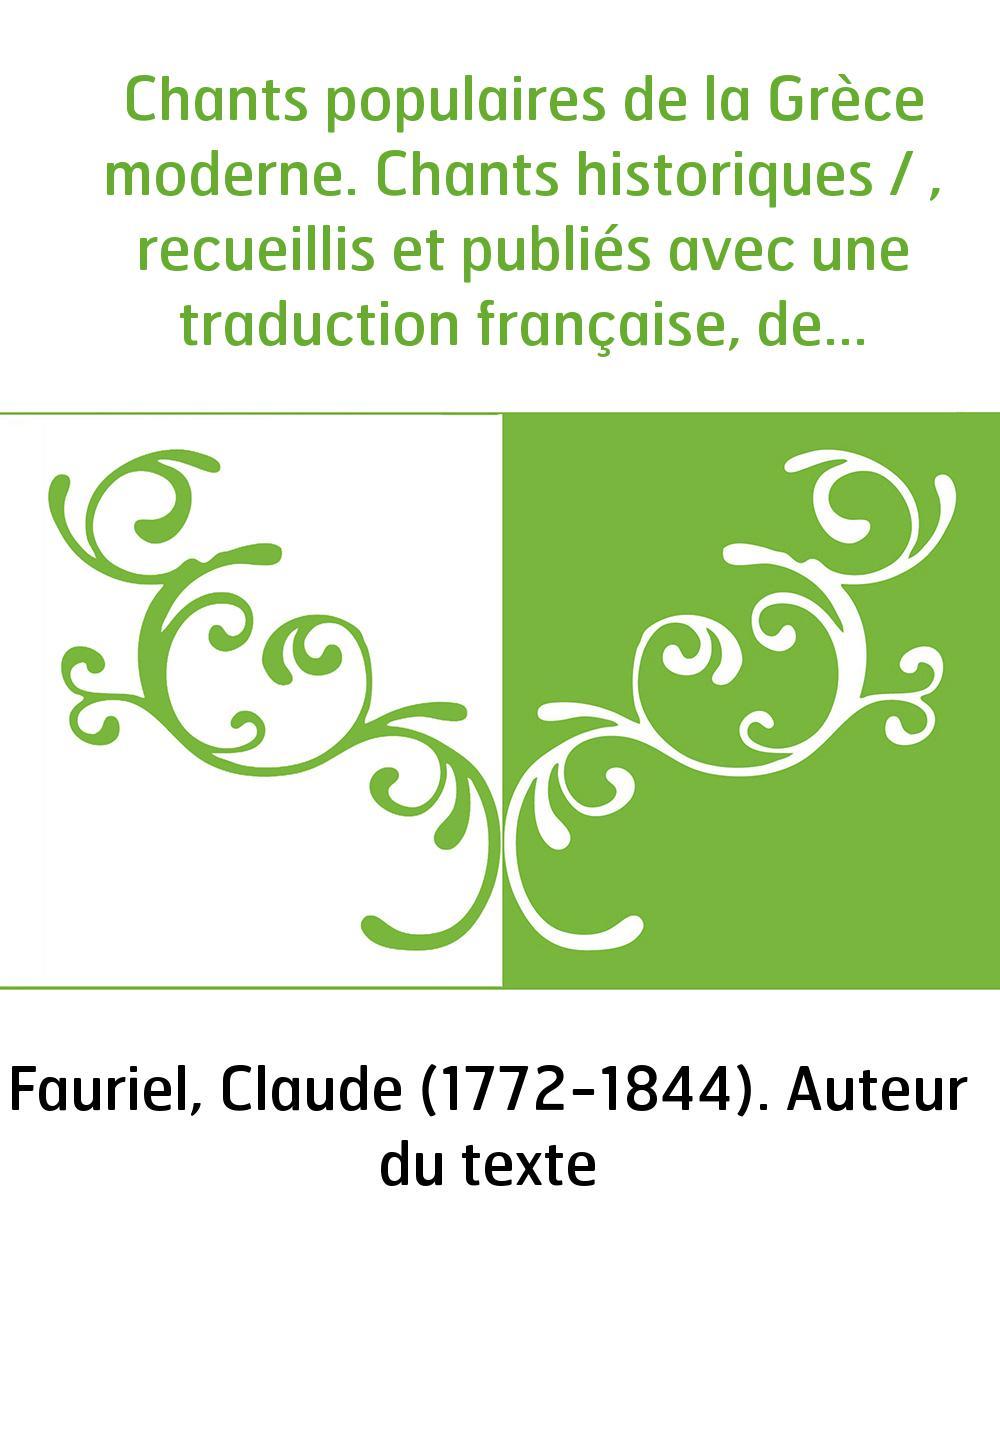 Chants populaires de la Grèce moderne. Chants historiques / , recueillis et publiés avec une traduction française, des éclaircis